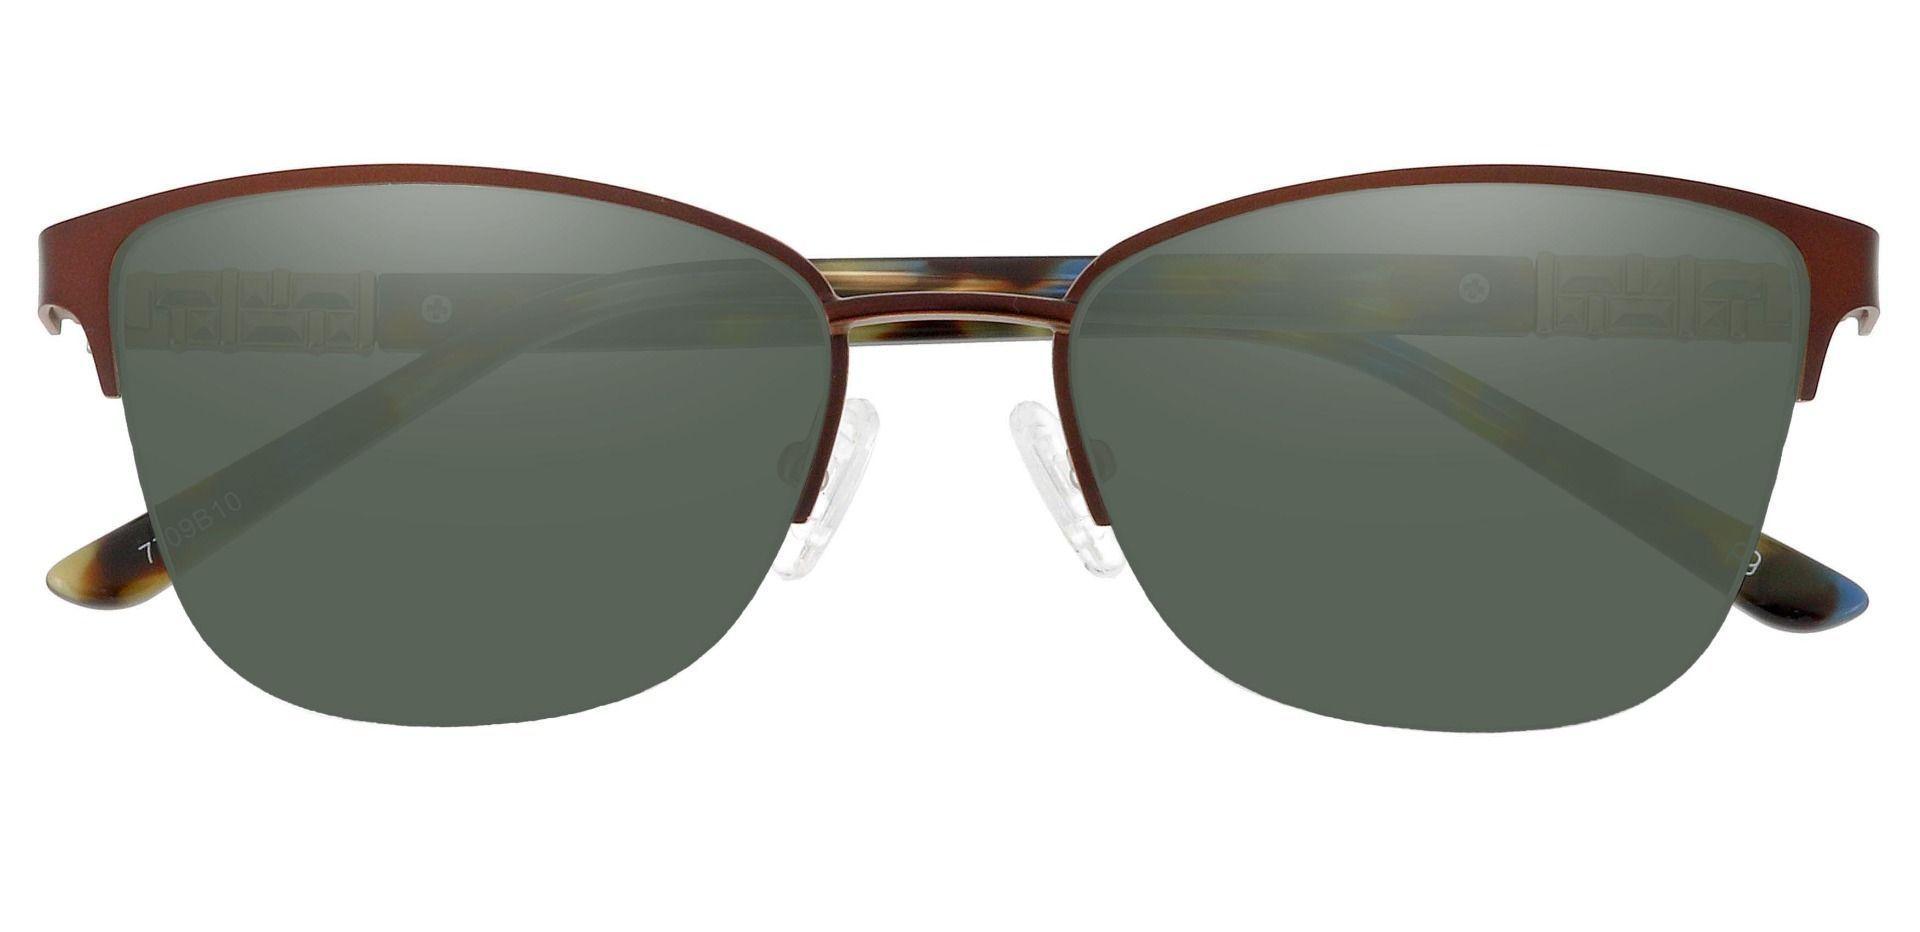 Ballad Cat Eye Progressive Sunglasses - Brown Frame With Green Lenses